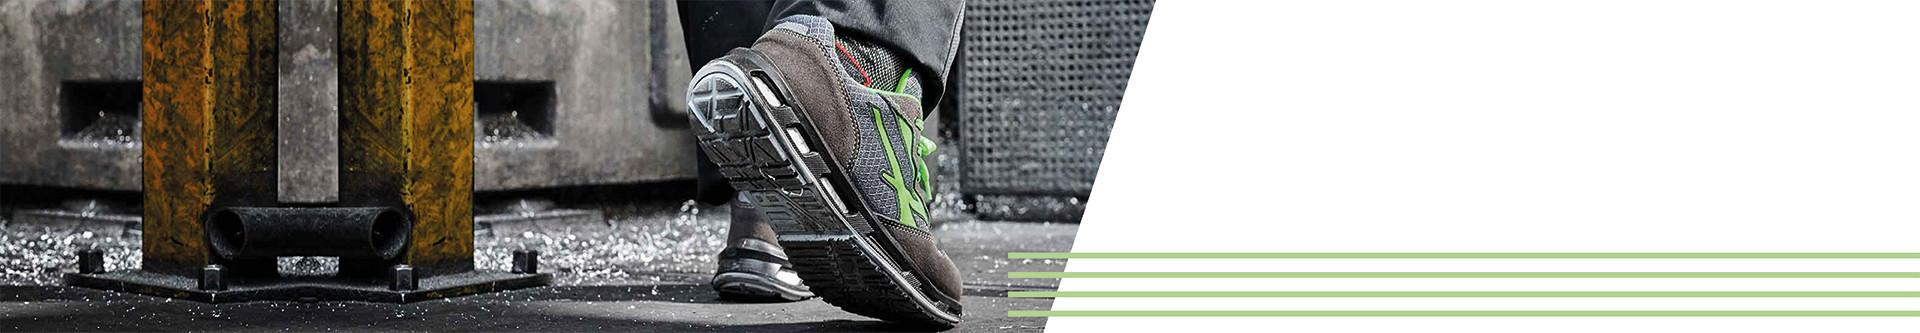 Classe di protezione delle scarpe antinfortunistiche